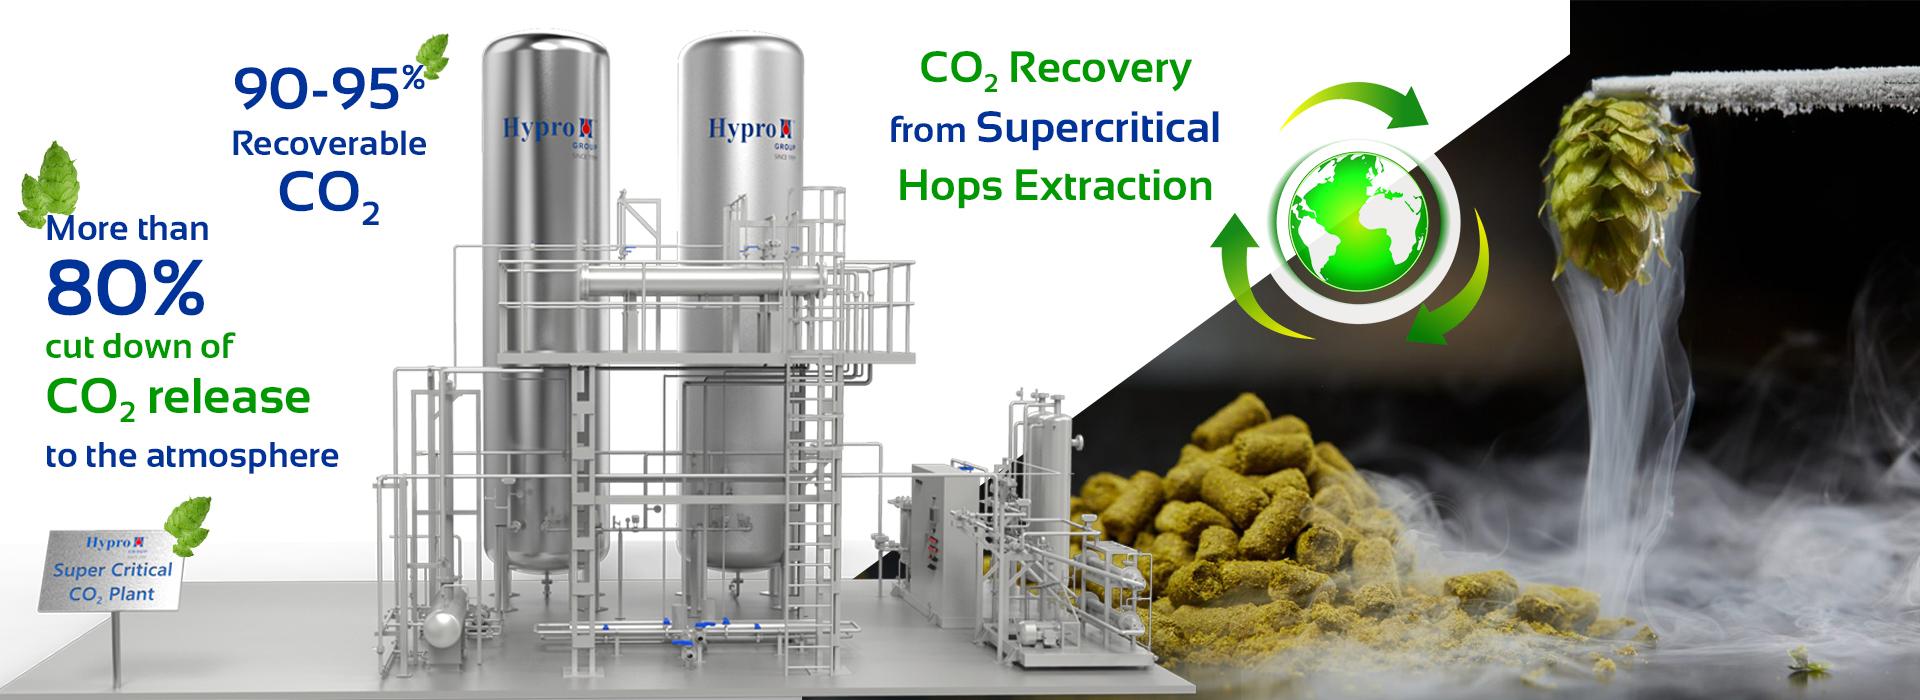 Supercritical CO2 Plant